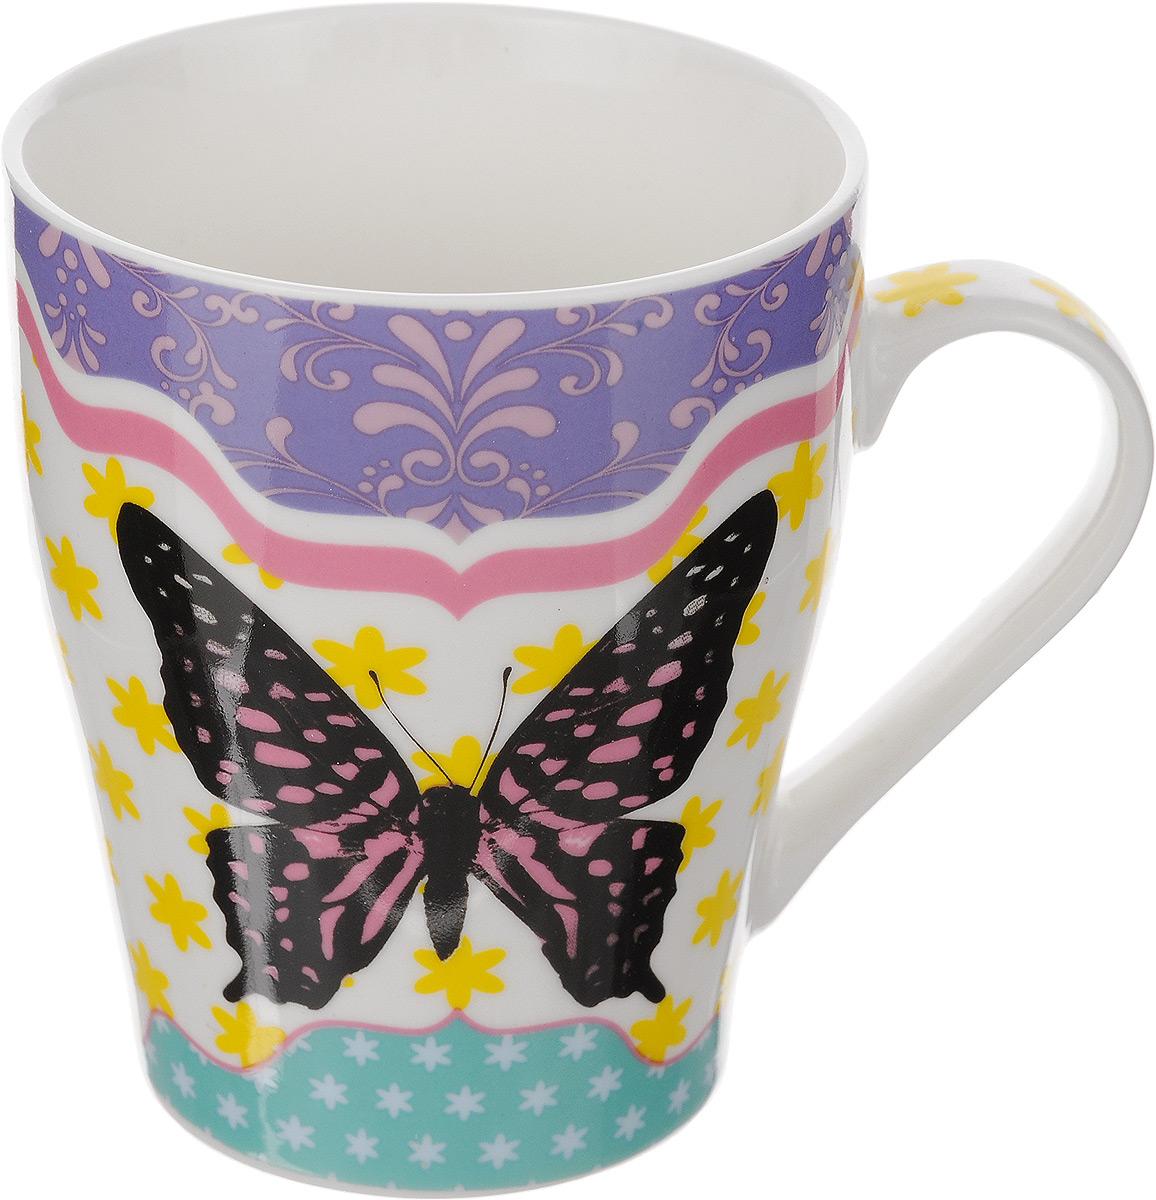 Кружка Loraine Бабочка, цвет: белый, розовый, 340 мл. 2445424454Кружка Loraine Бабочка выполнена из высококачественного костяного фарфора и оформлена стильным рисунком. Изящный дизайн придется по вкусу и ценителям классики, и тем, кто предпочитает утонченность и изысканность. Она настроит на позитивный лад и подарит хорошее настроение с самого утра. Диаметр кружки (по верхнему краю): 8 см.